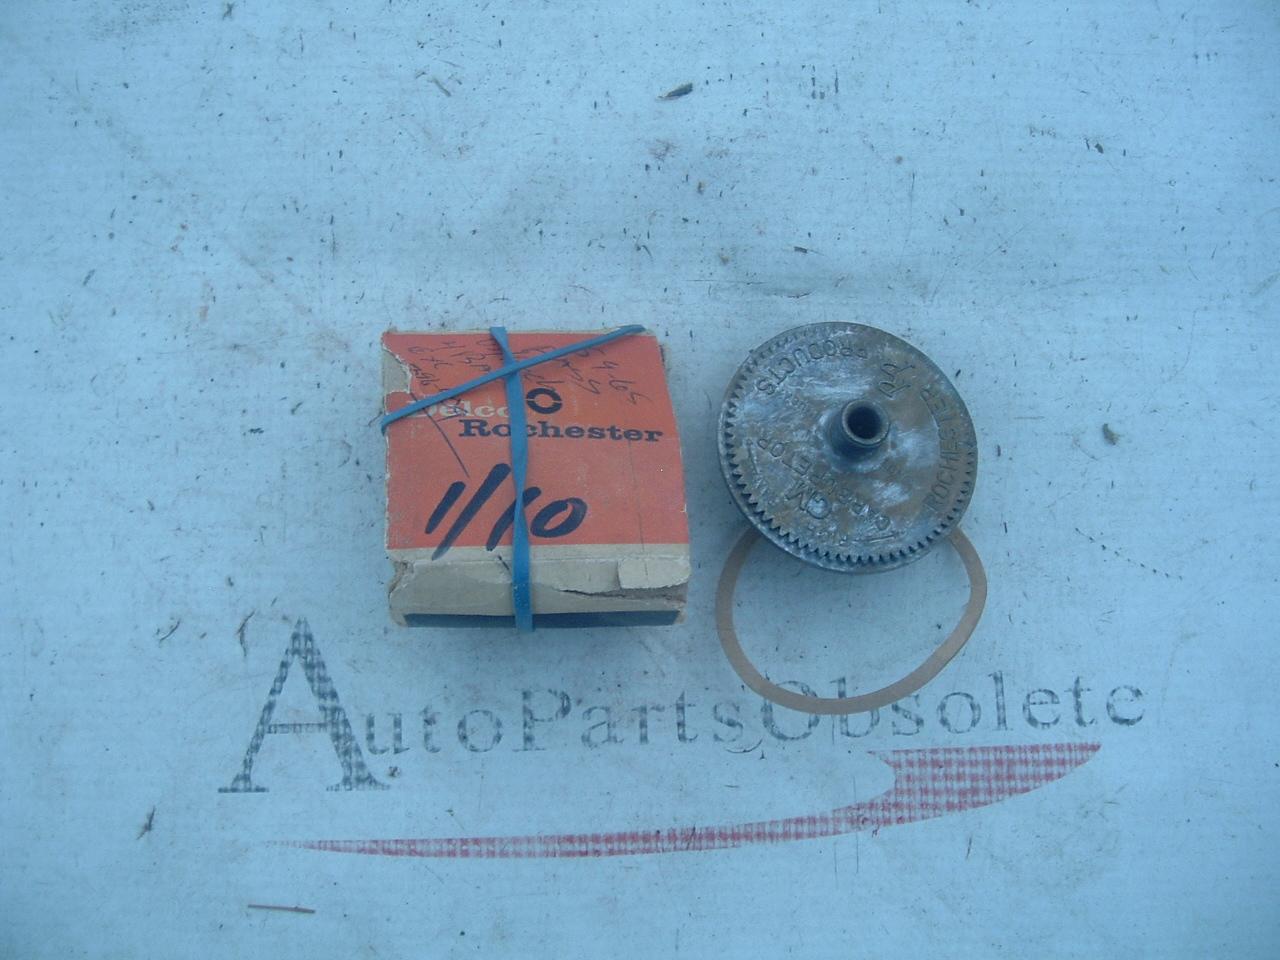 1959 60 61 62 63 64 65 chevrolet rochester carburetor choke cover nos gm # 7013588 (z 7013588)